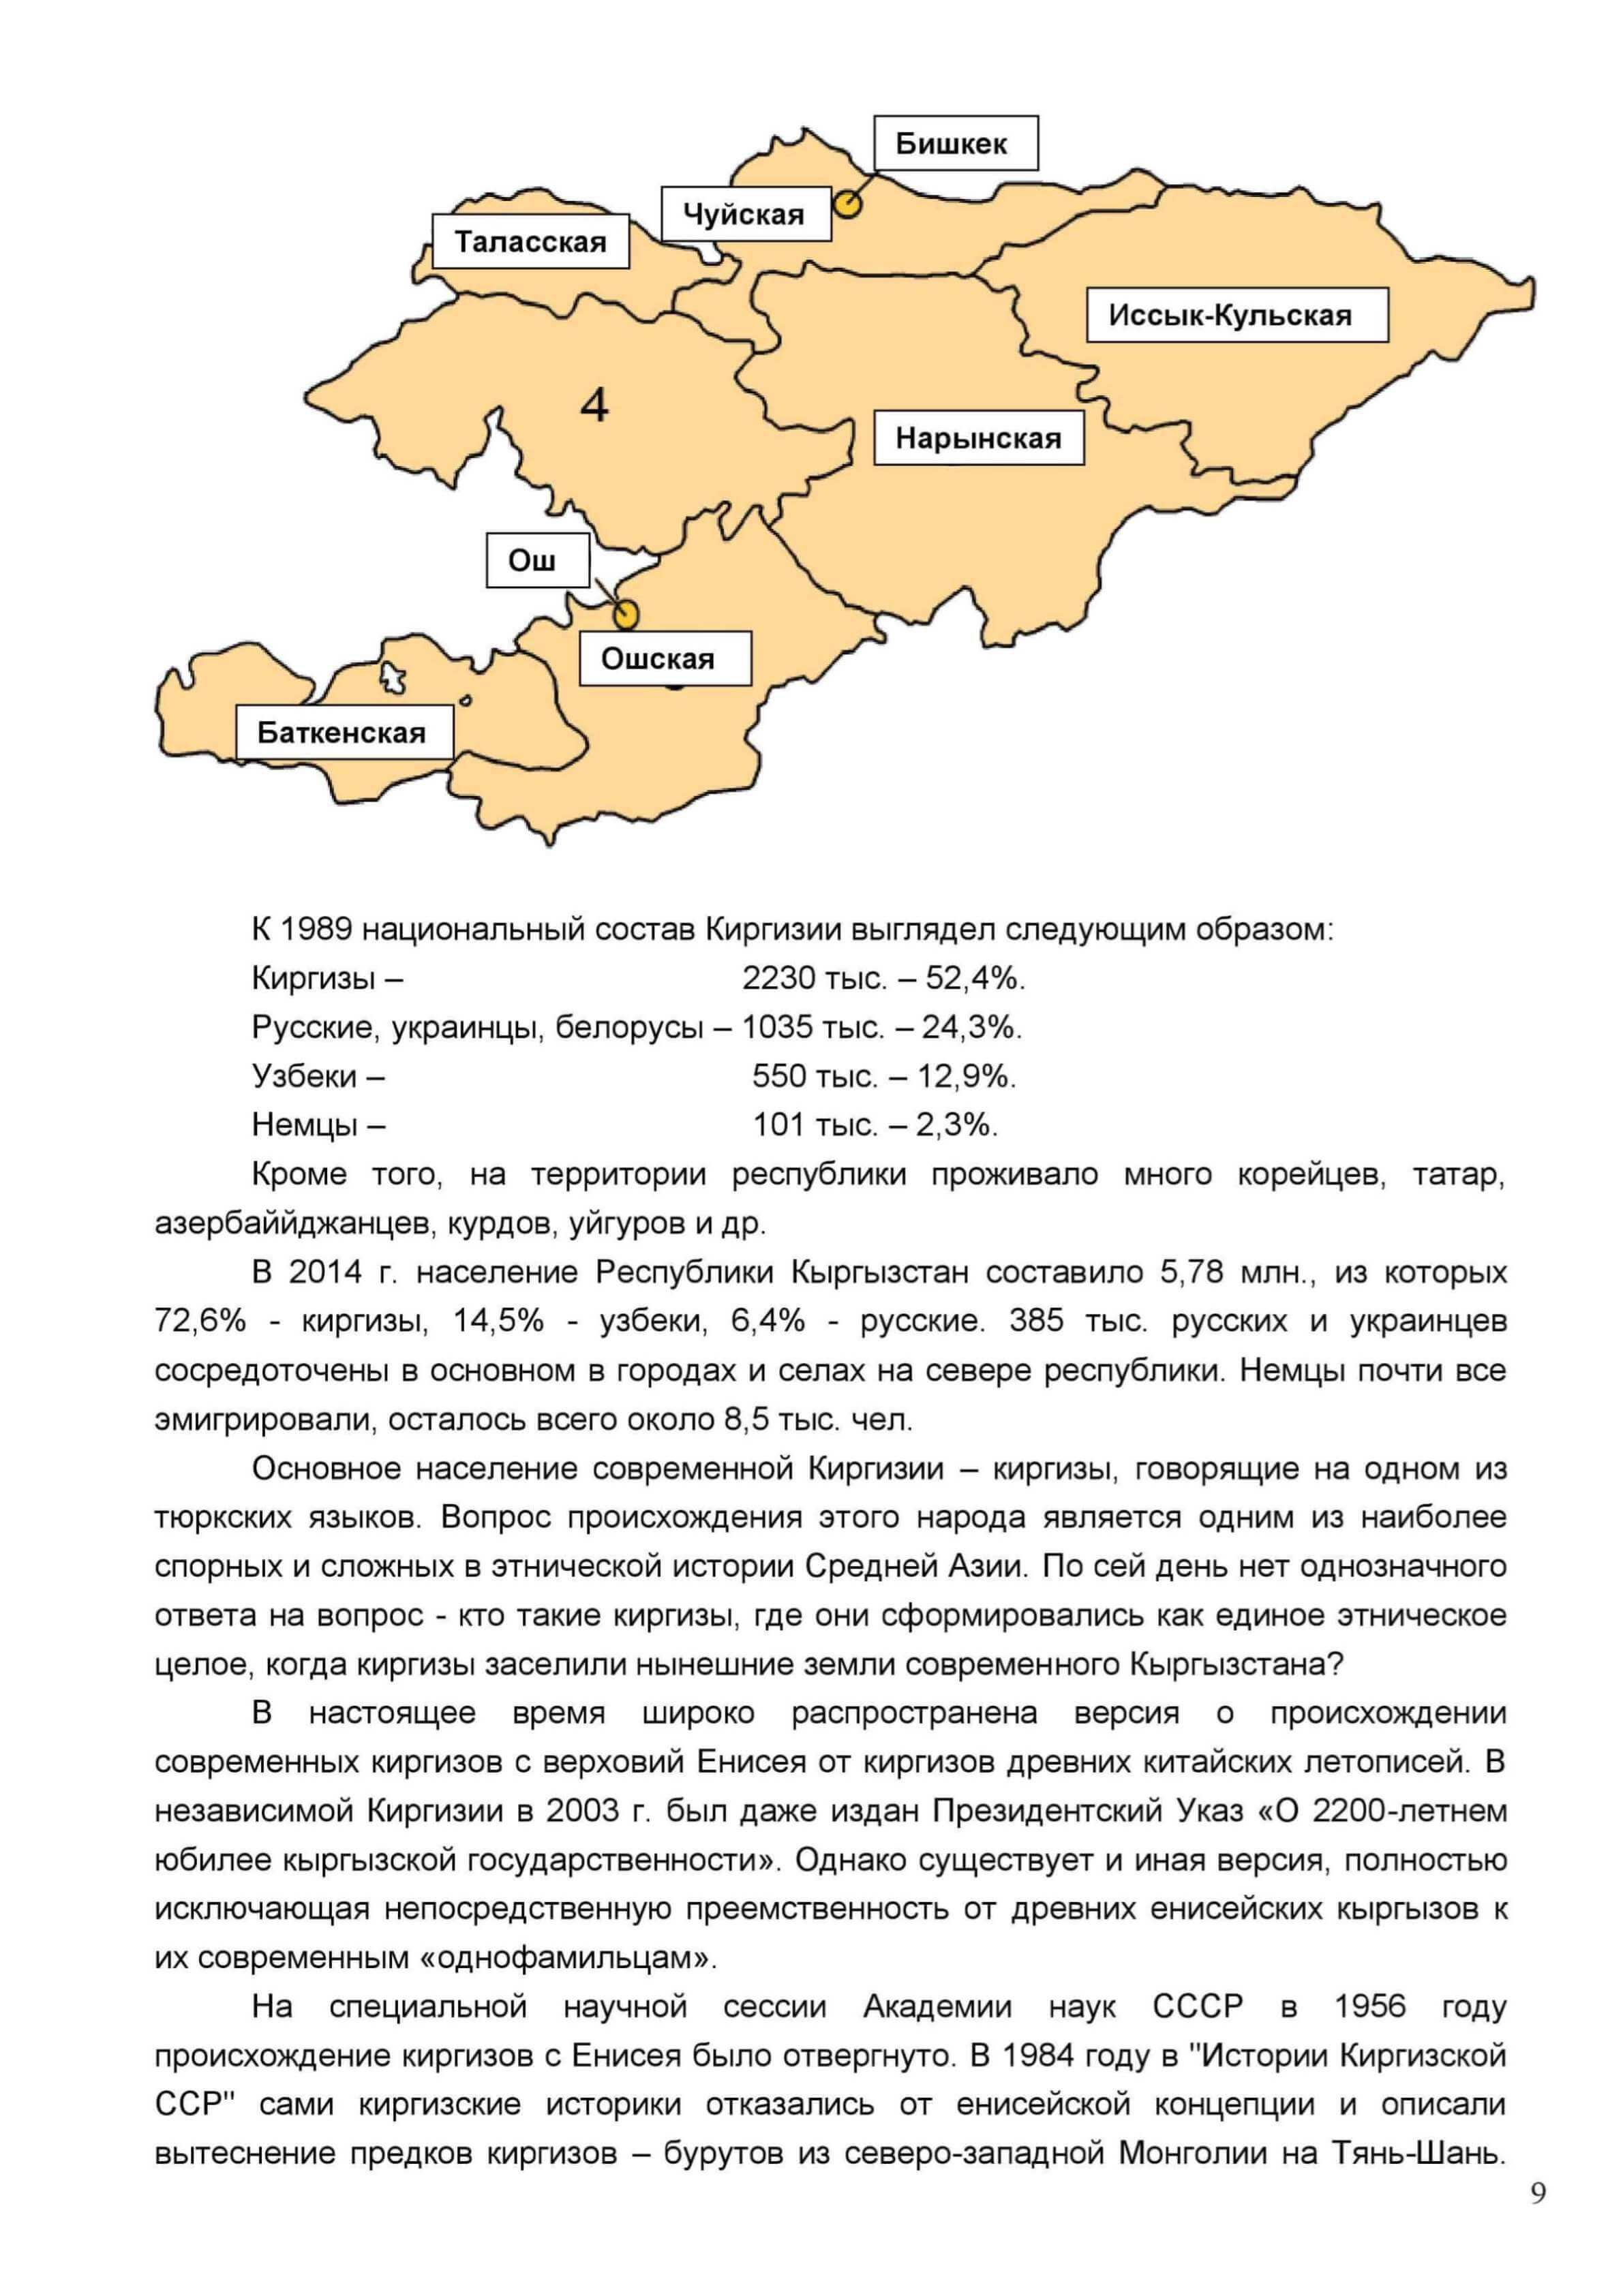 Отчет о прохождении пешеходного туристского спортивного маршрута 4 к.с. по Юго-Западному Тянь-Шаню